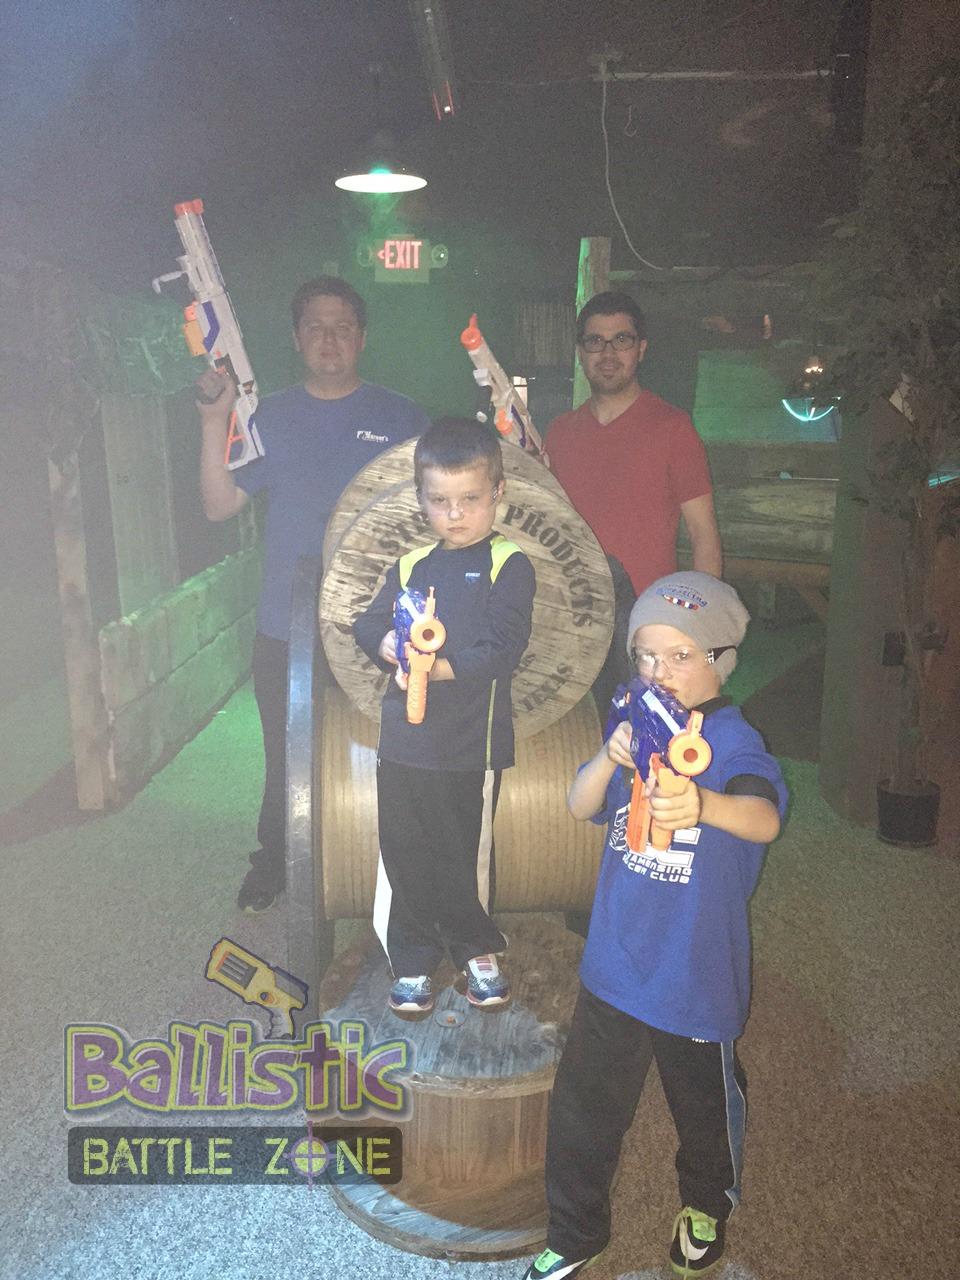 Ballistic Battle Zone Party Picture